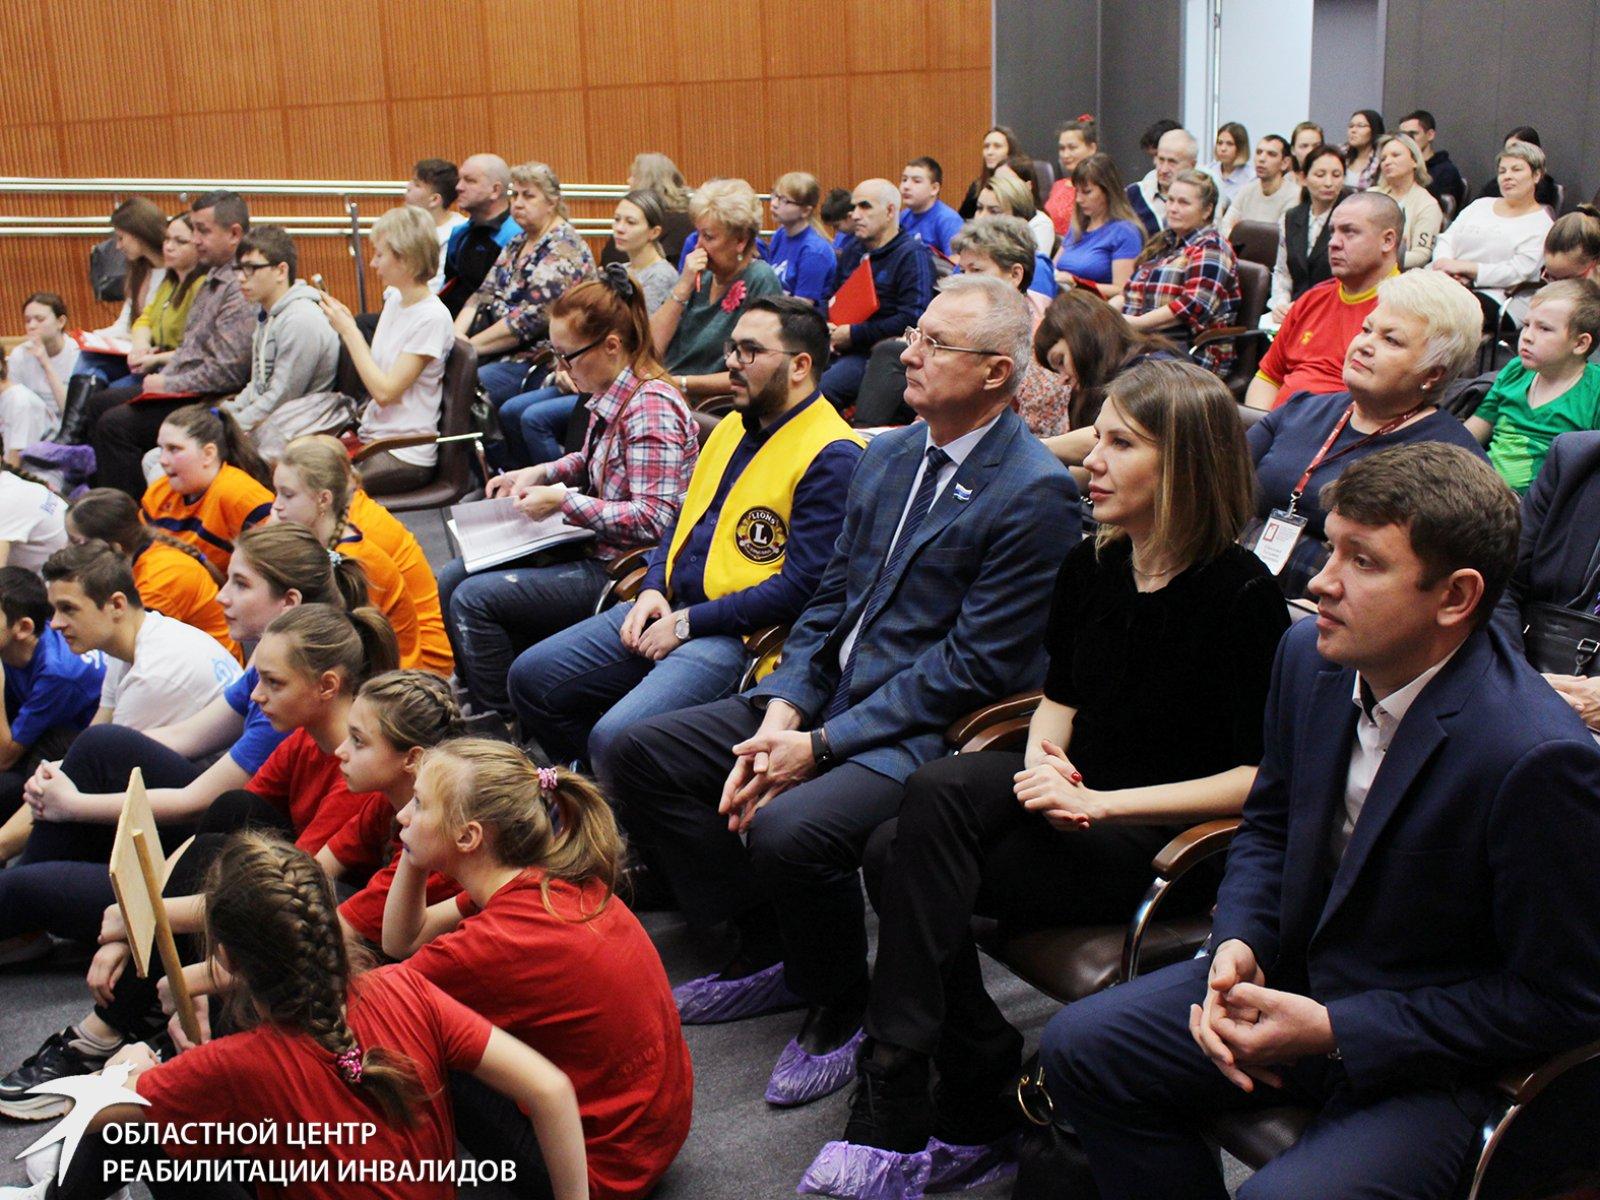 Первый в России Форум Специальной Олимпиады прошел в Екатеринбурге